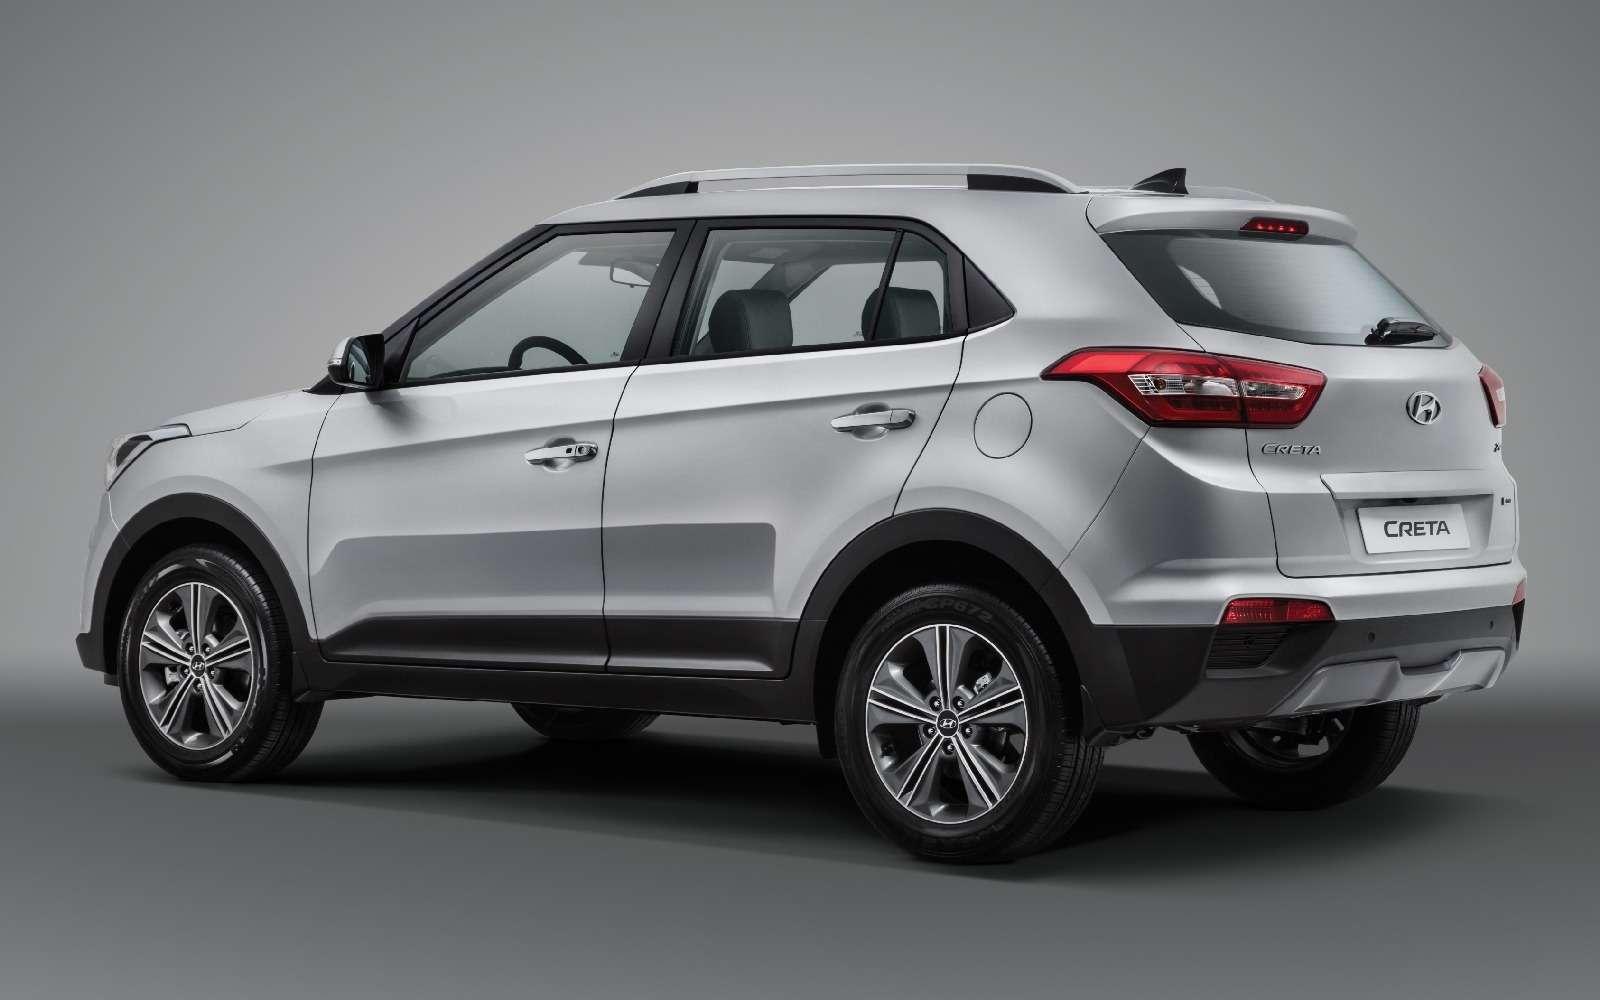 Пошел вмассы: вРоссии стартовало производство кроссоверов Hyundai Creta— фото 614321